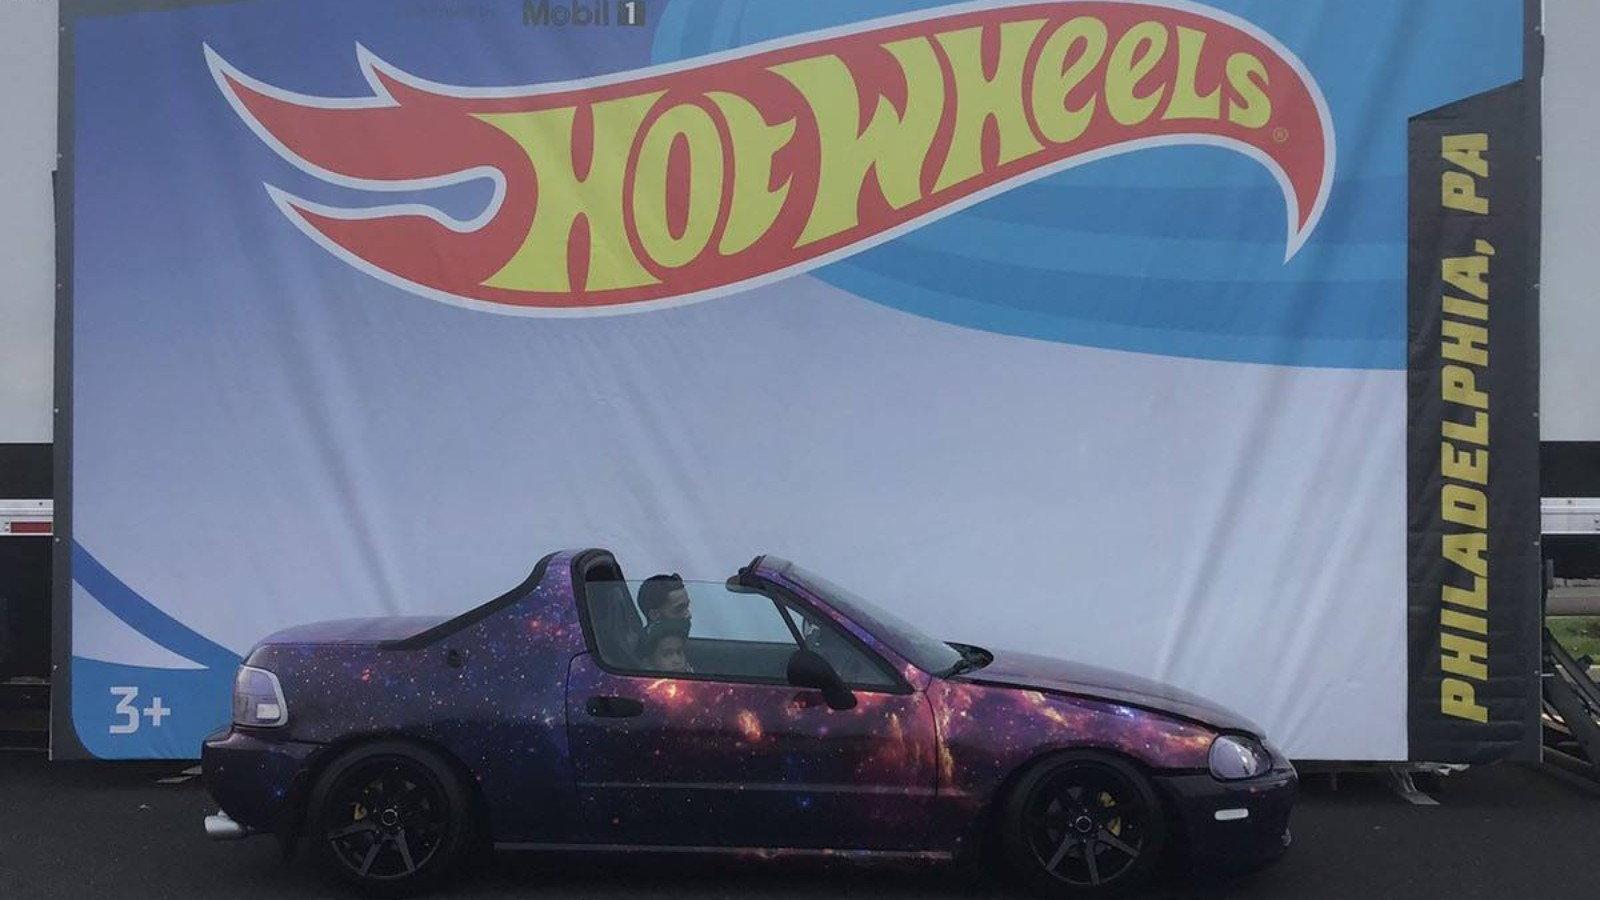 Del sol crx 1992 Honda